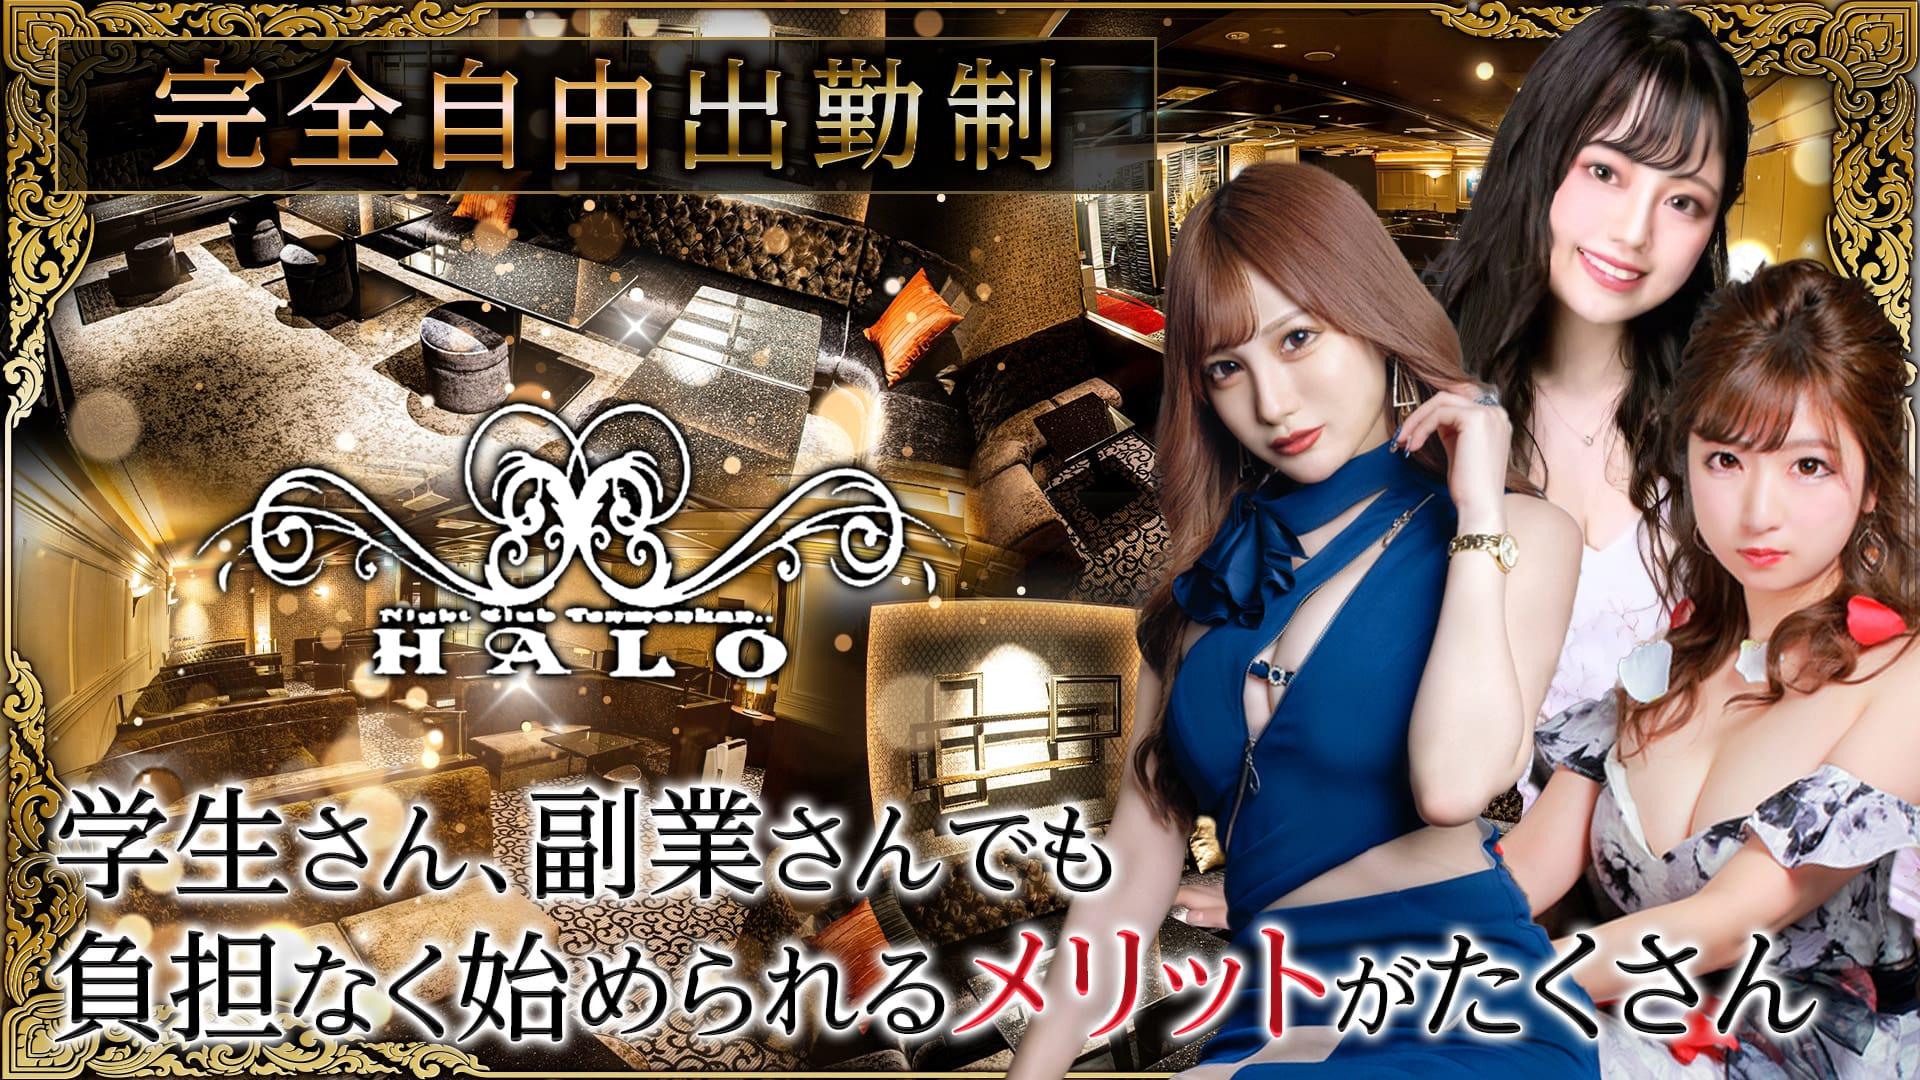 NIGHT CLUB HALO(ナイトクラブハロ)【公式求人・体入情報】 天文館キャバクラ TOP画像